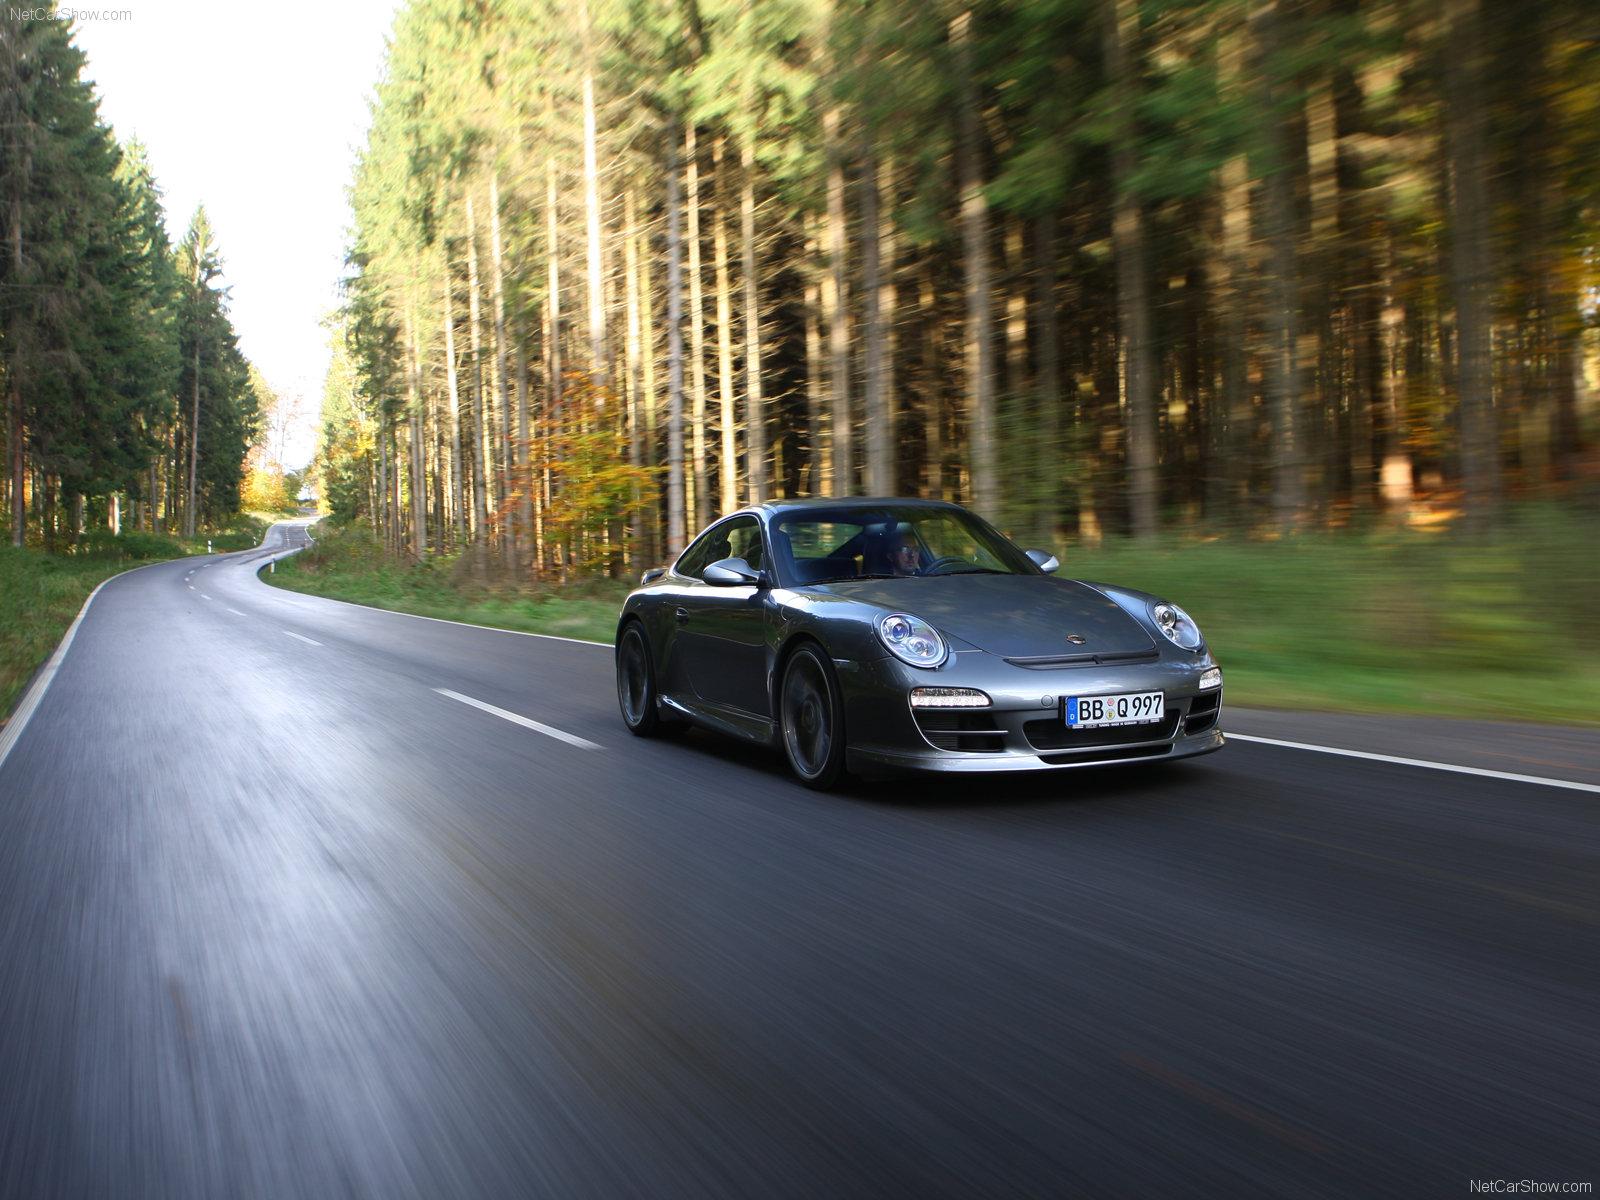 Hình ảnh xe ô tô TechArt Porsche 911 Aerokit I 2009 & nội ngoại thất